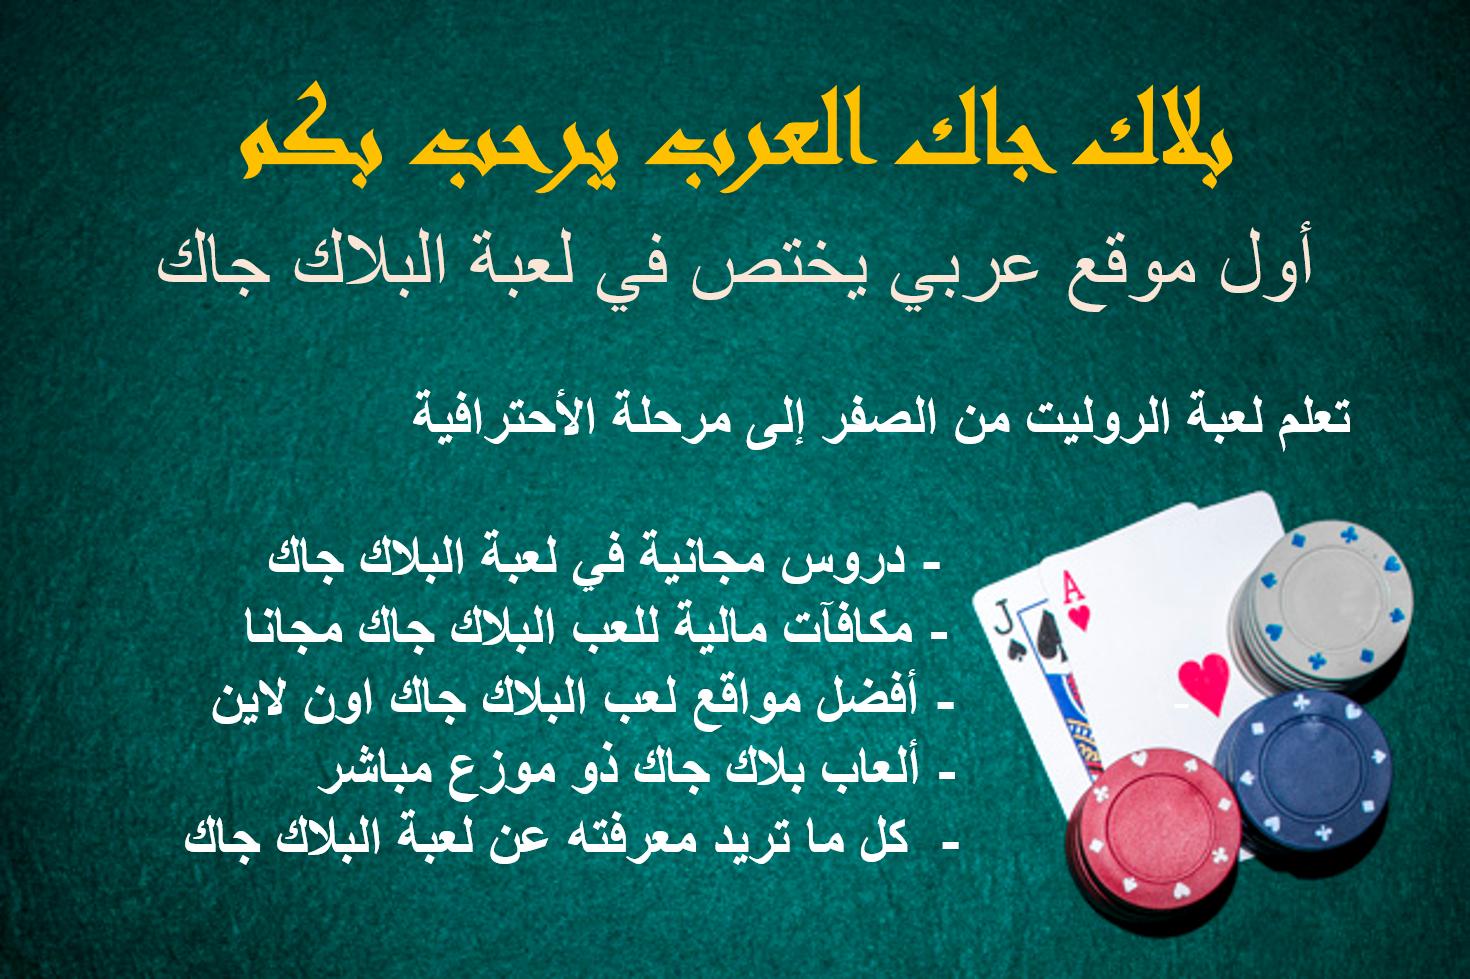 العاب الكازينو - 30515